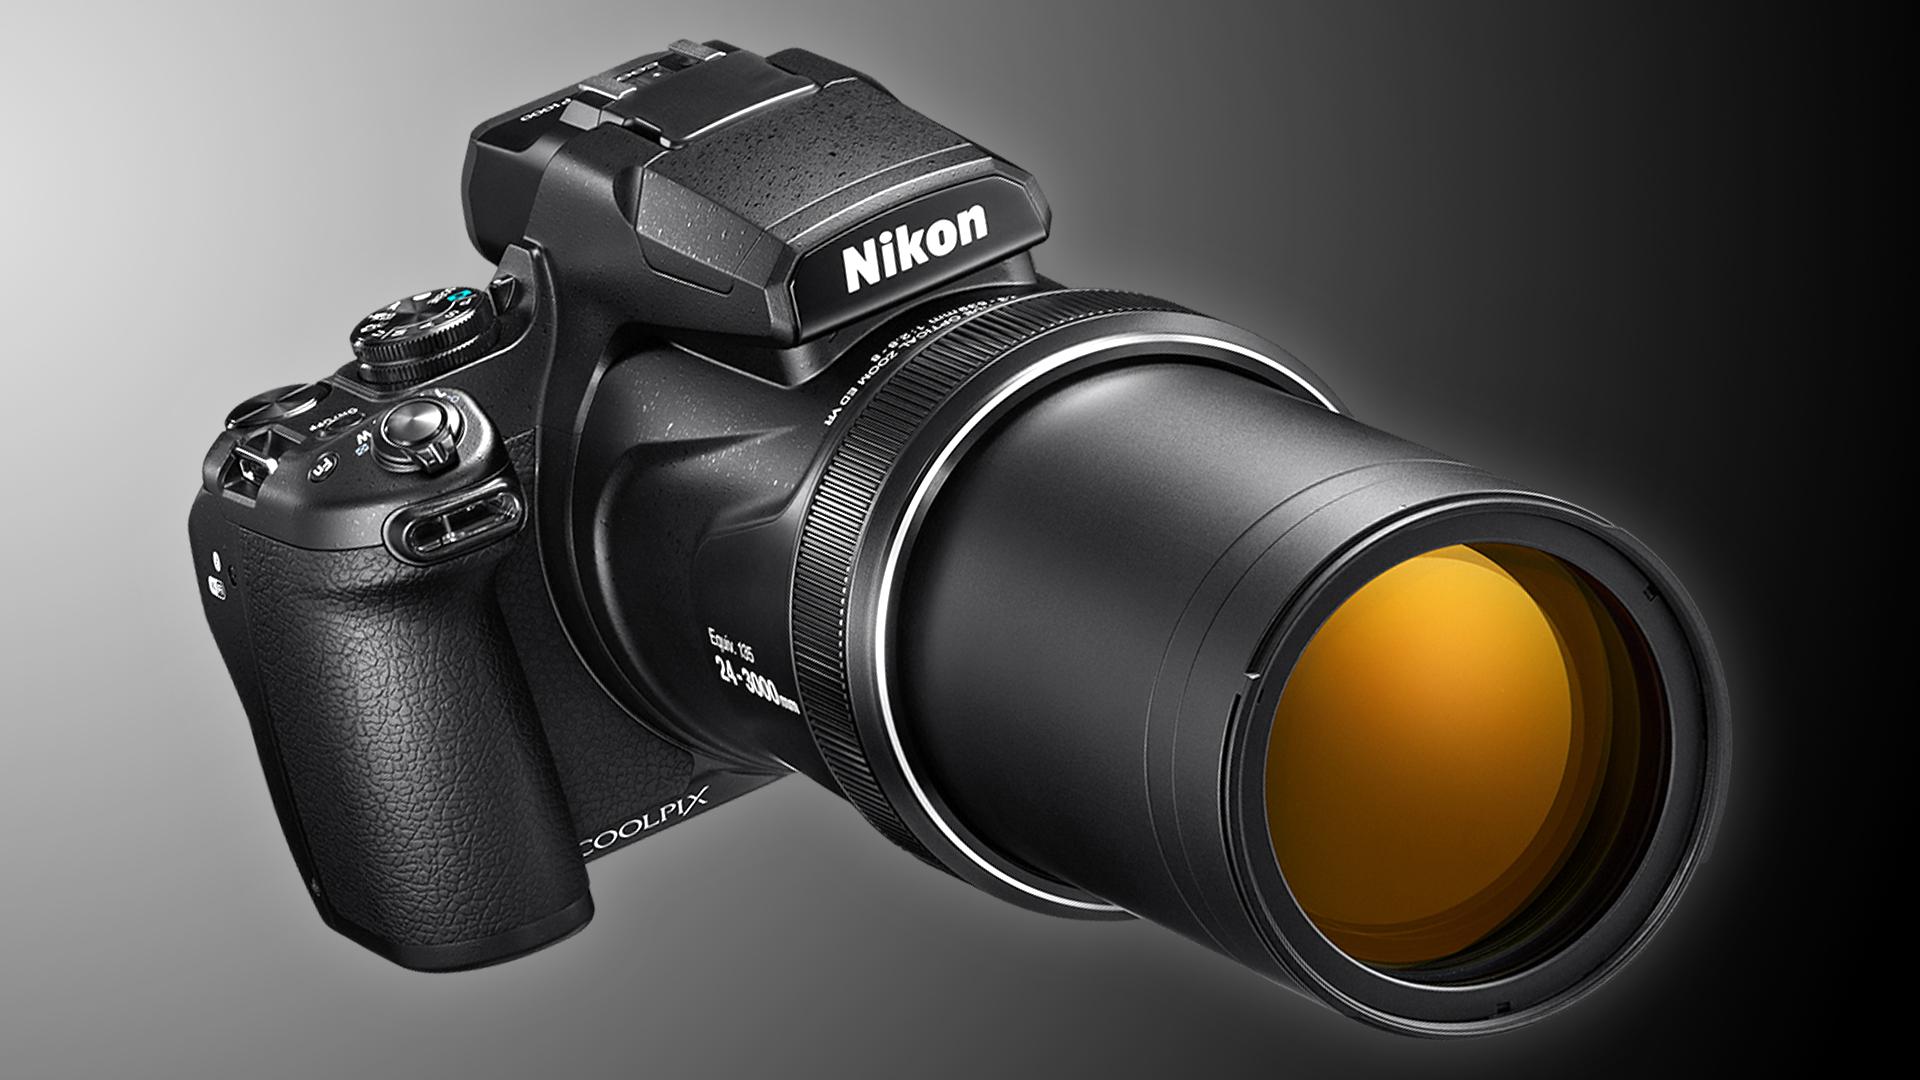 ニコンCOOLPIX P1000 - 125倍ズームを持つコンパクトカメラ